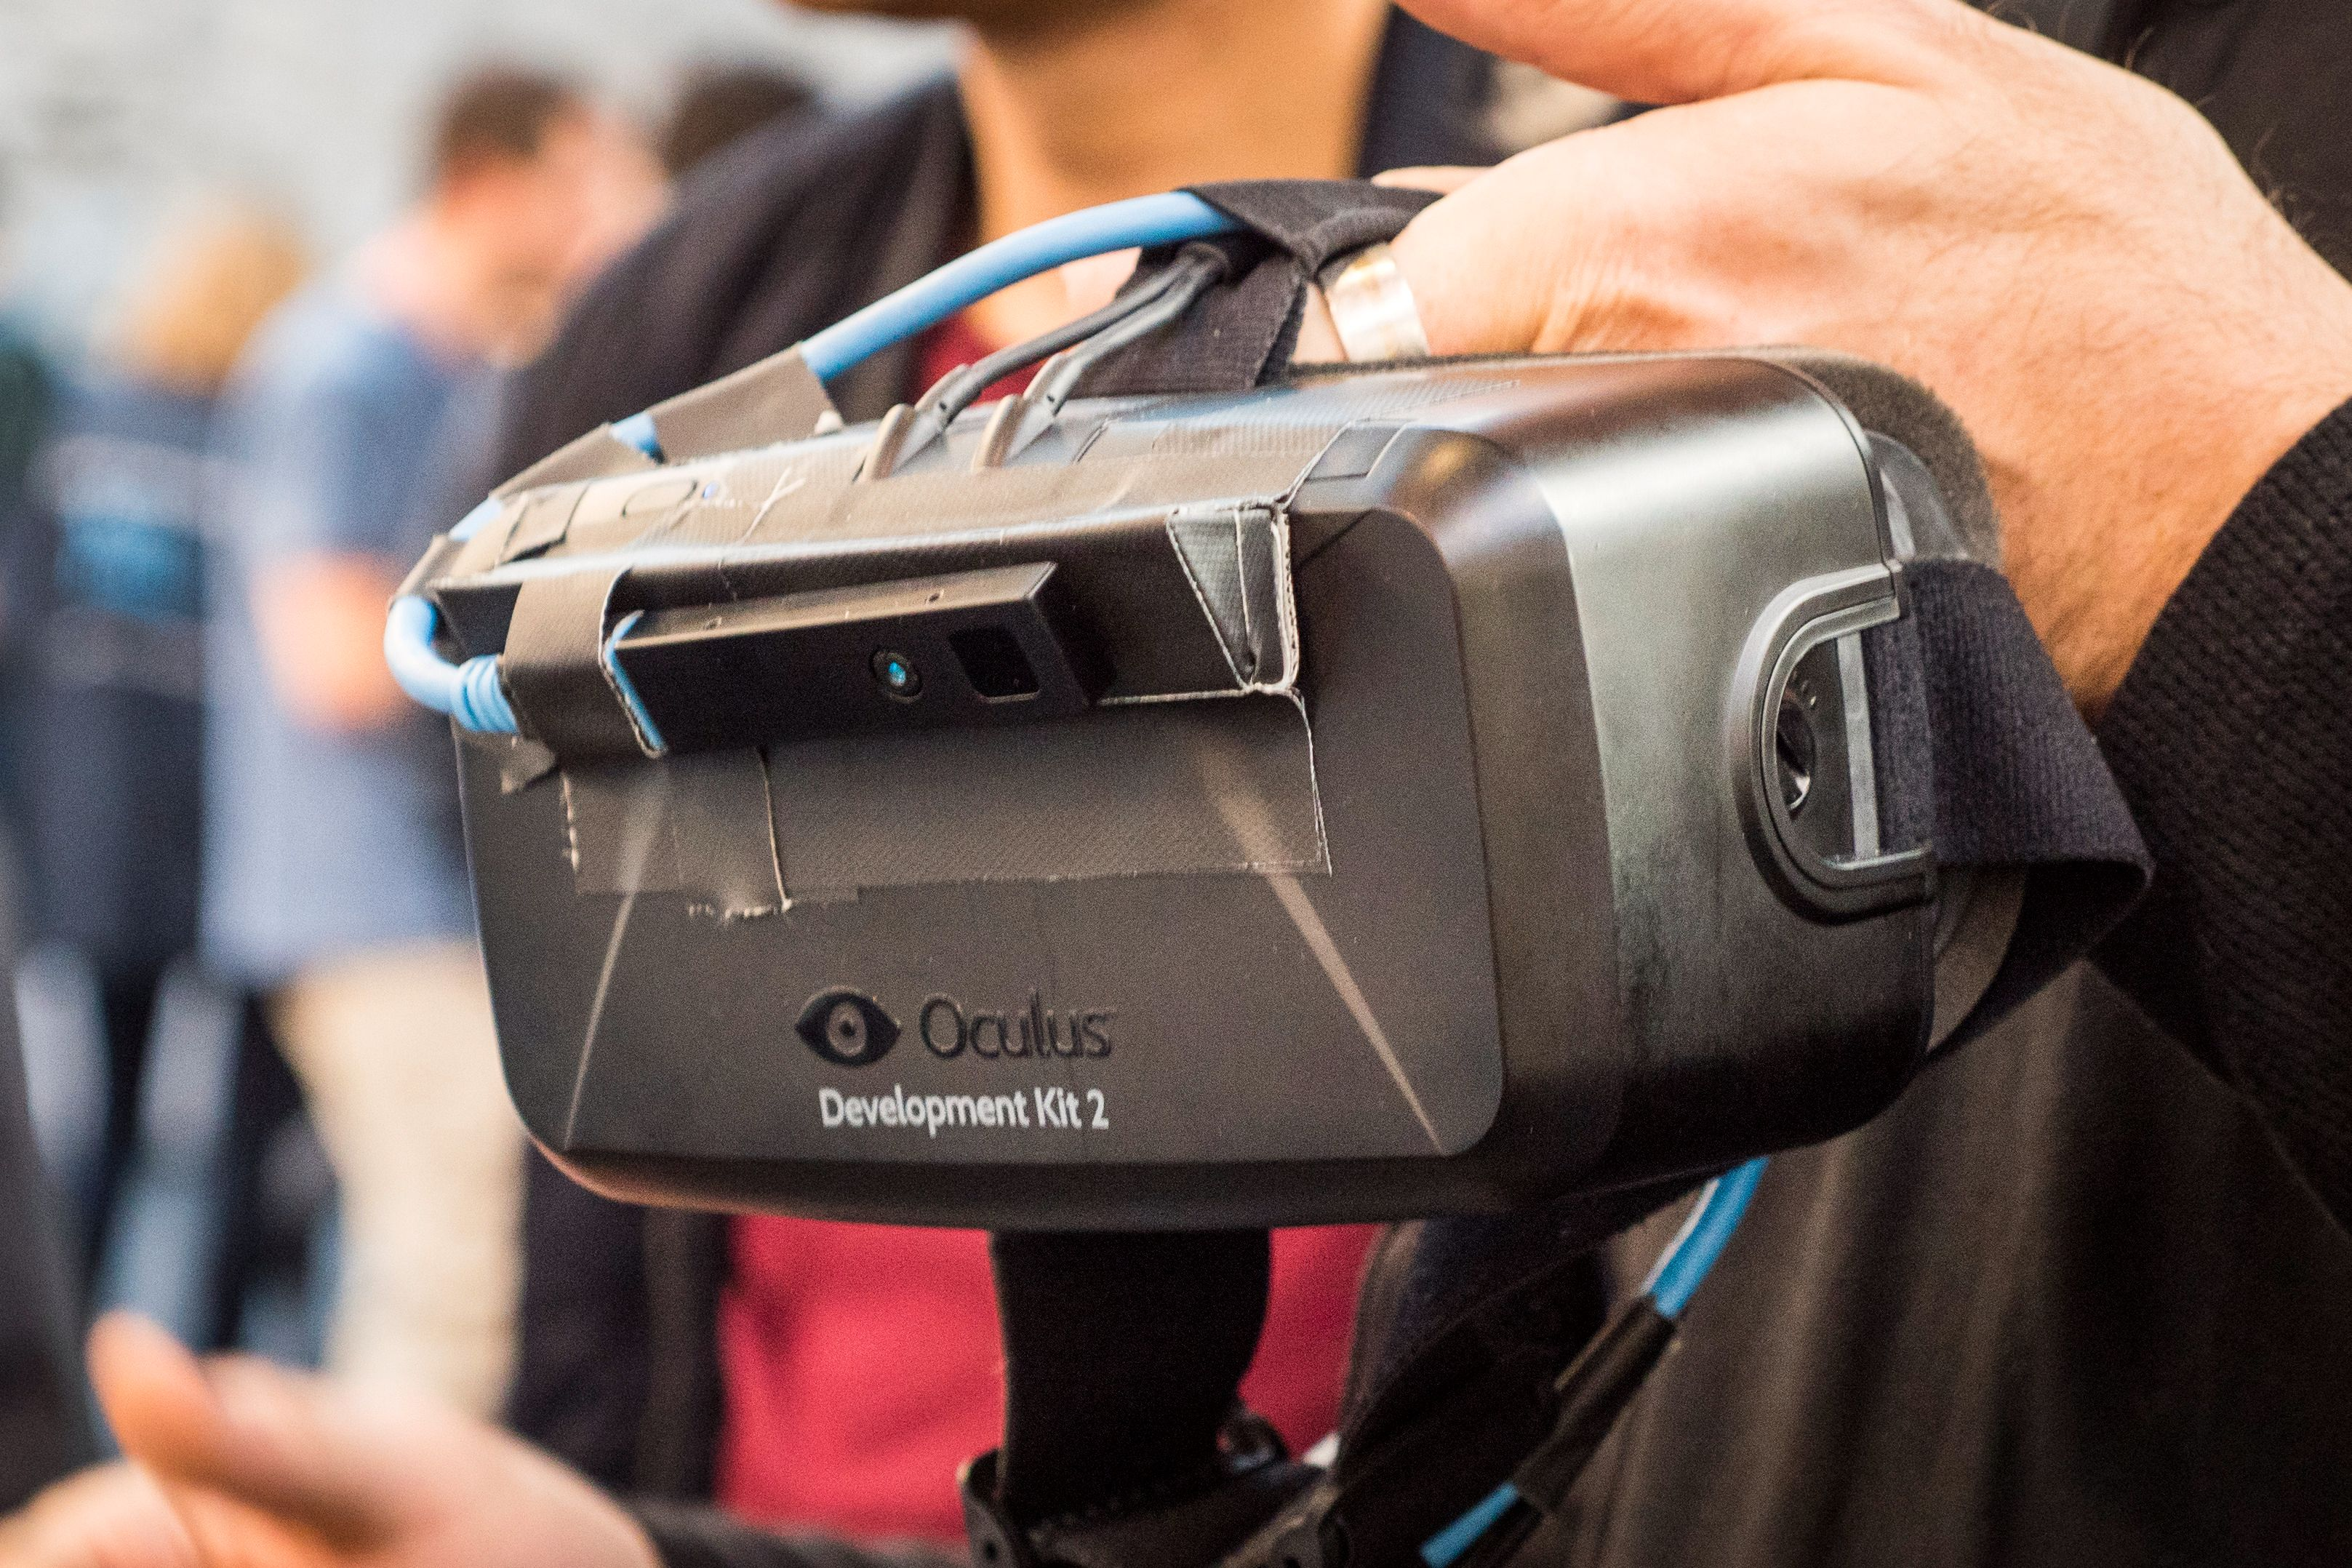 Oculus' VR demonstrasjoner er fortsatt populære på teknologimessene, også her i Dublin. Foto: Kristoffer Møllevik, Tek.no